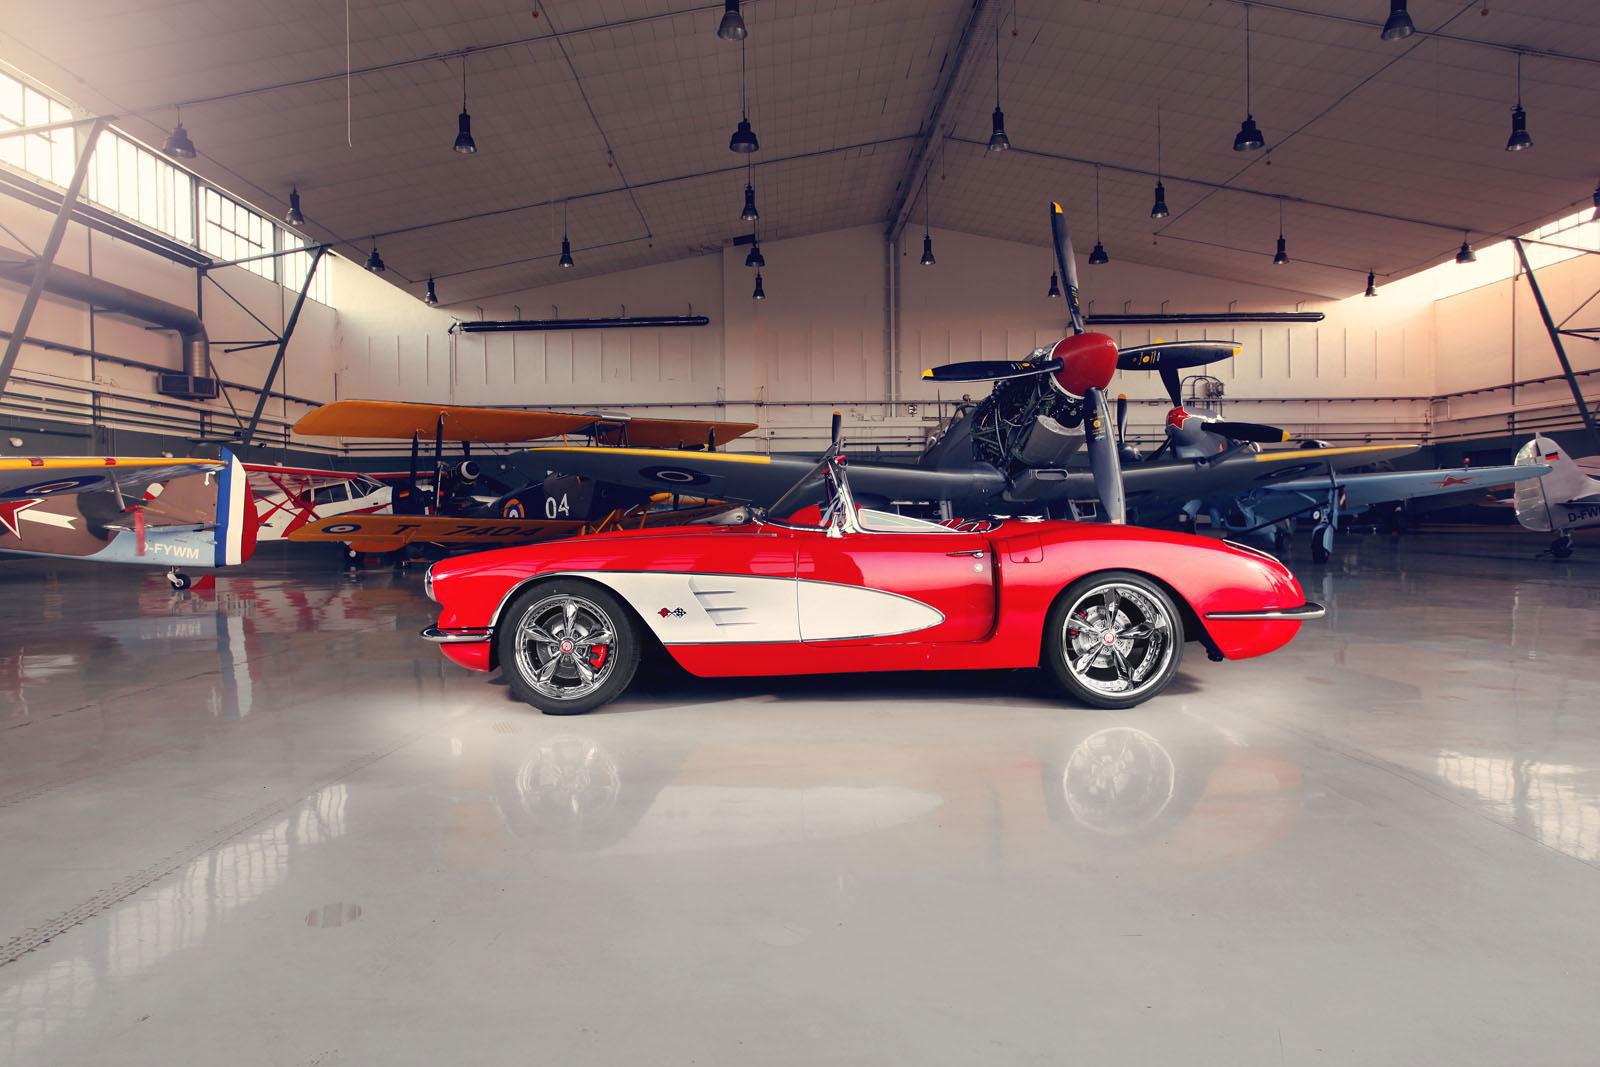 Chevrolet Corvette prošel dokonalou modernizací 11